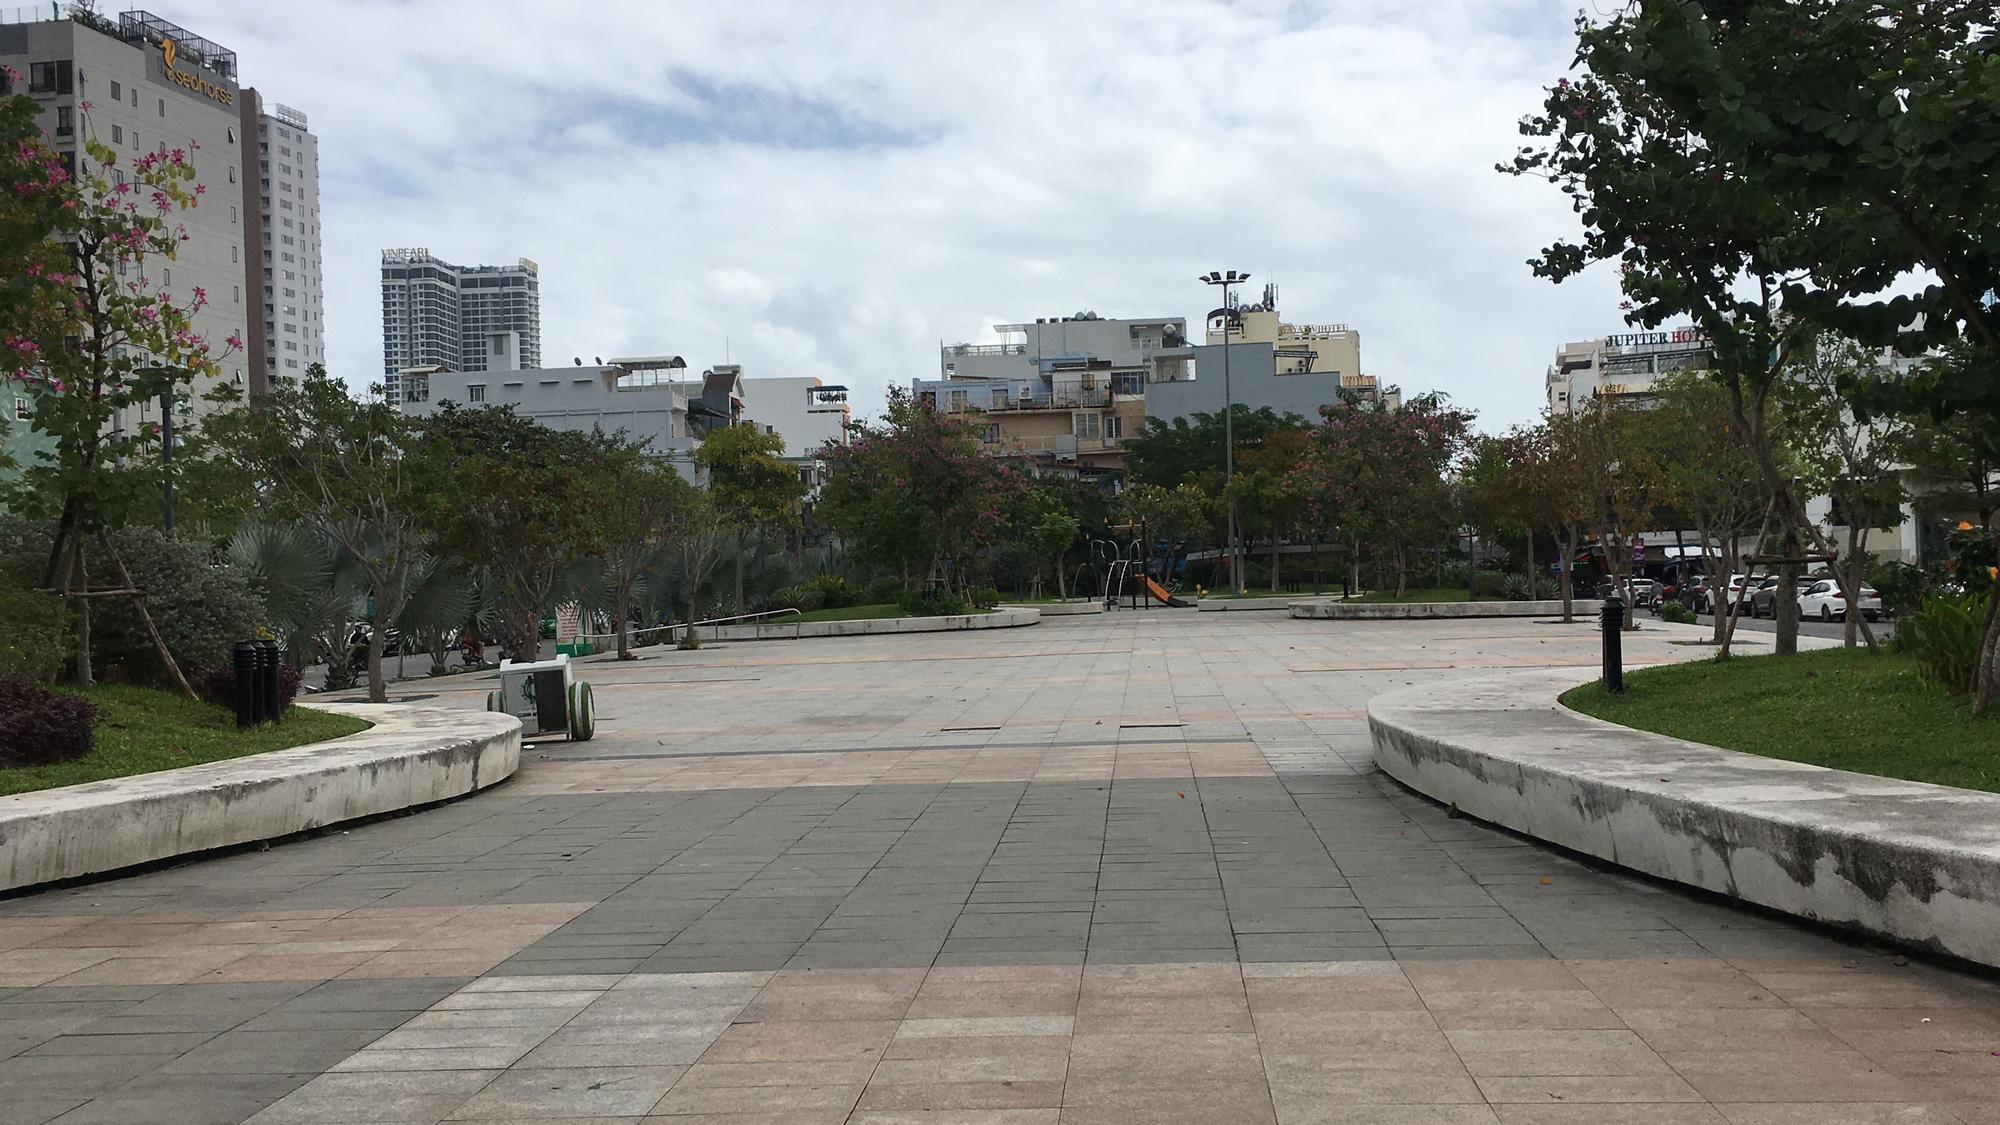 Cận cảnh 'đất vàng' Đà Nẵng làm công viên sách, mở rộng công viên APEC - Ảnh 1.